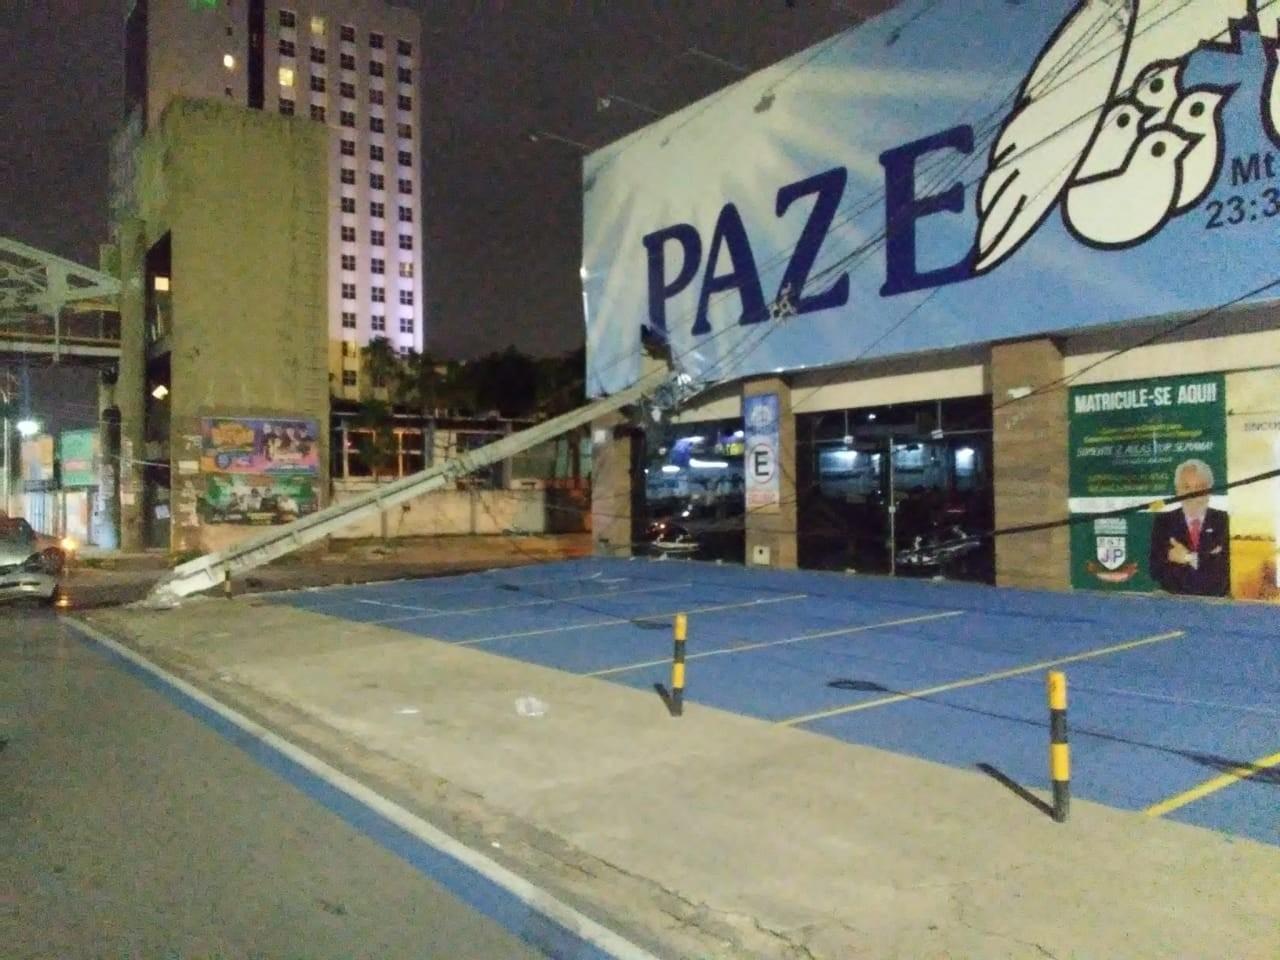 Mulher perde controle de carro, bate e derruba poste em fachada de igreja em Natal - Notícias - Plantão Diário